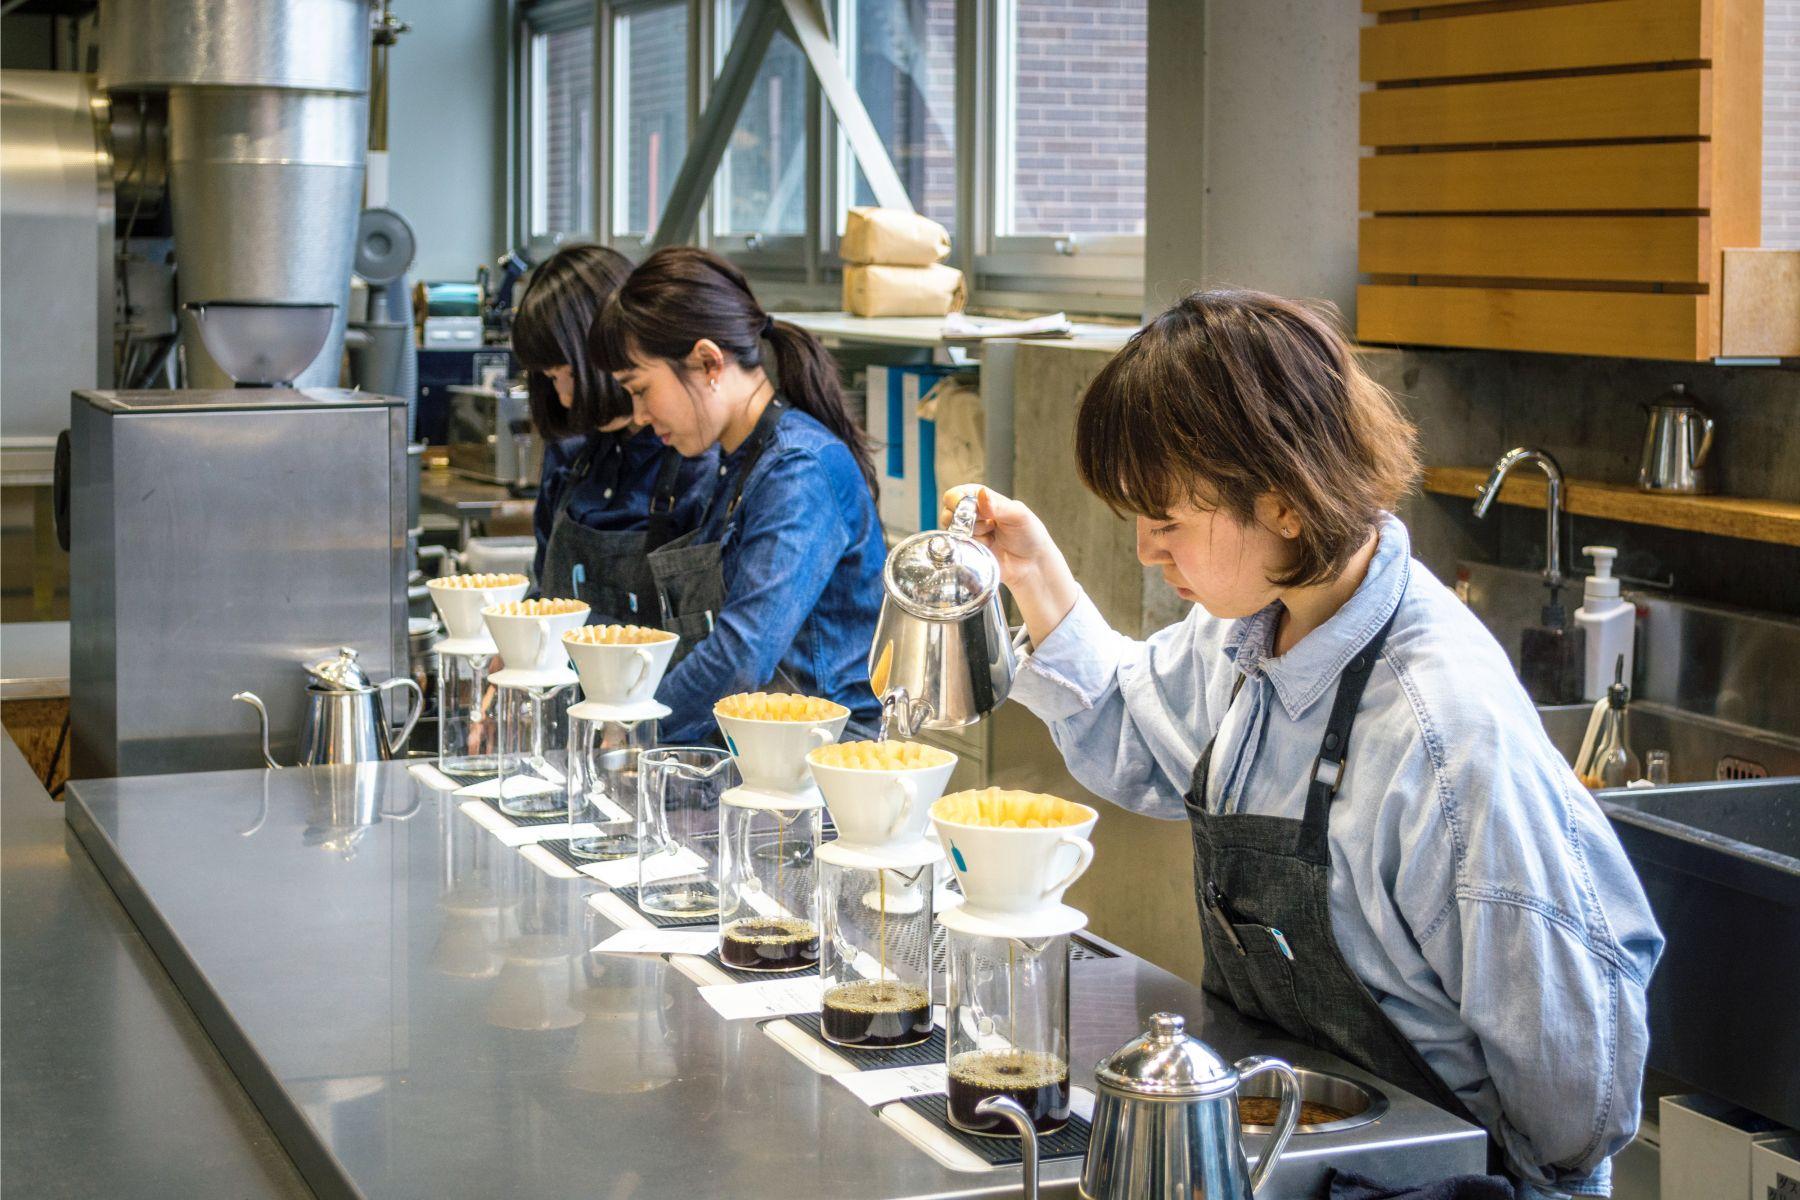 愛喝咖啡易致乳房纖維囊腫、乳癌?醫師這樣說...